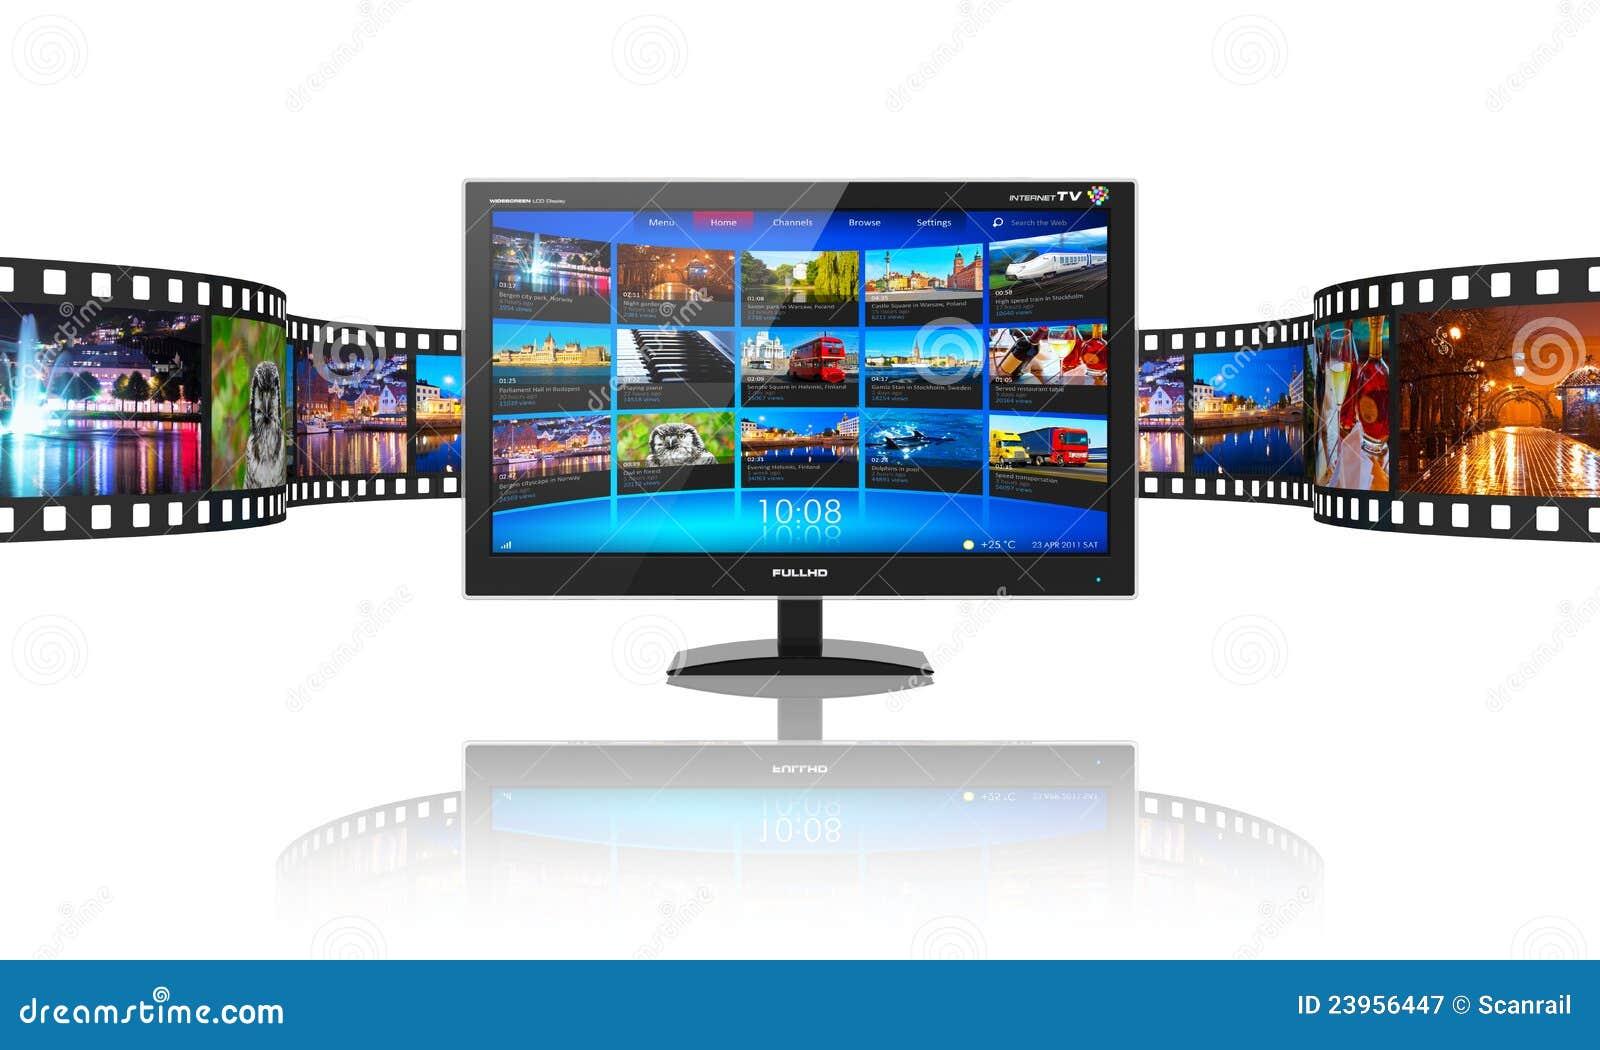 Спутниковые каналы для взрослых смотреть бесплатно 19 фотография